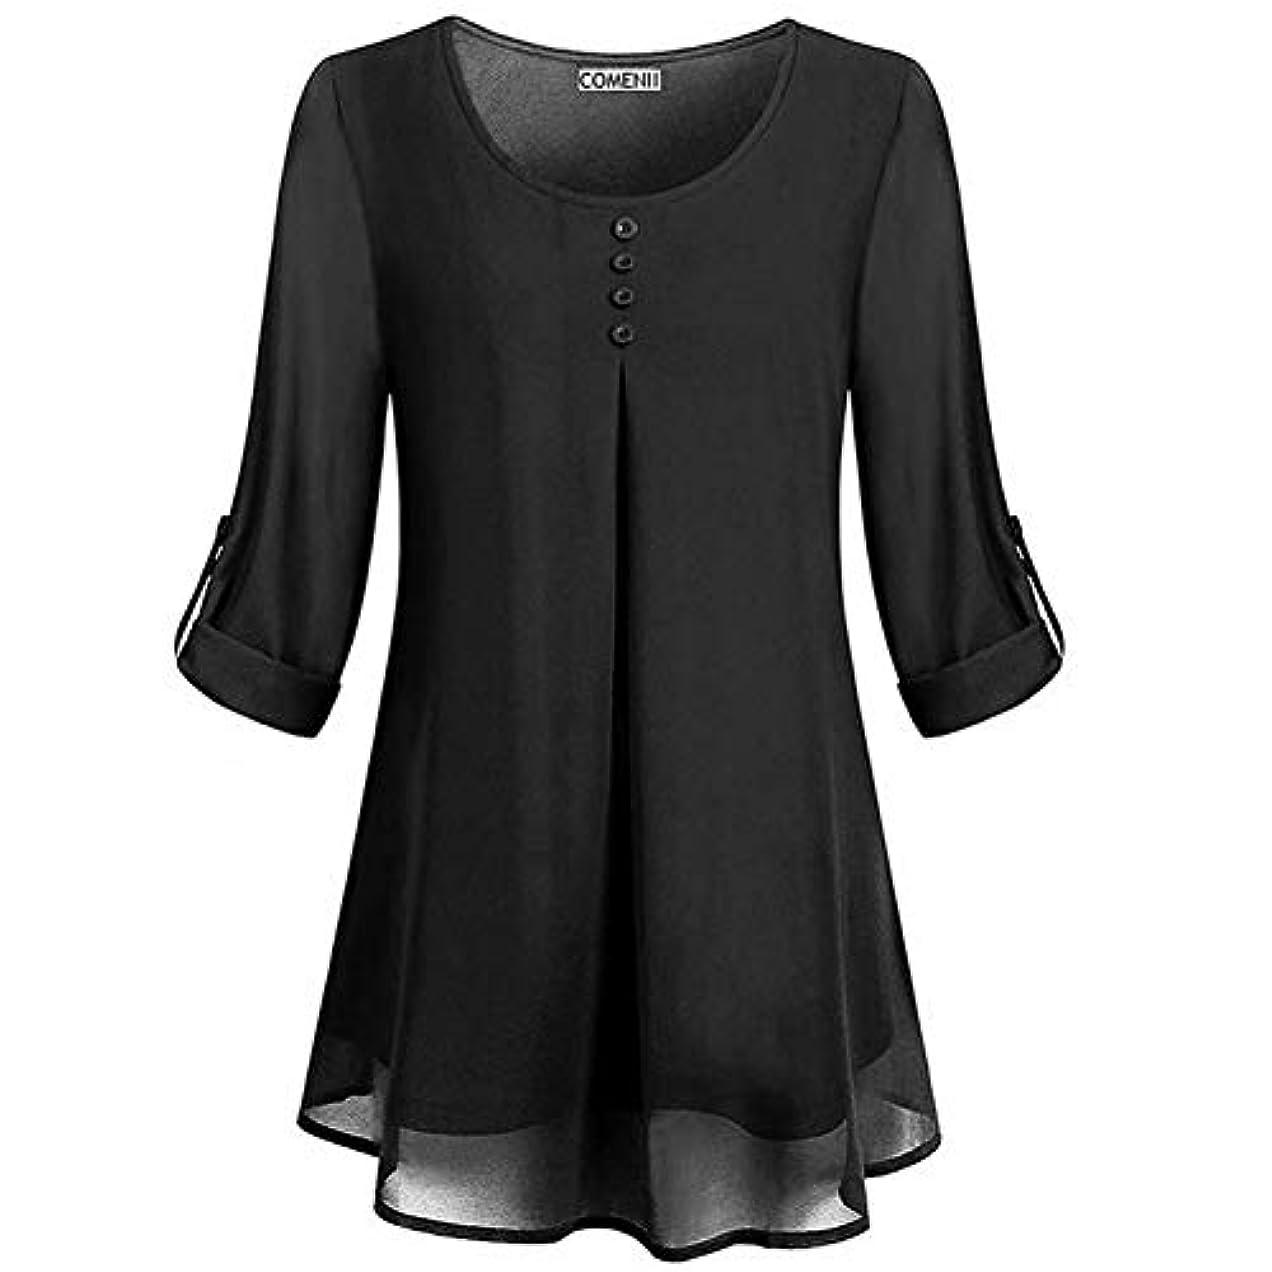 仲人シプリー説教するMIFAN の女性のドレスカジュアルな不規則なドレスルースサマービーチTシャツドレス